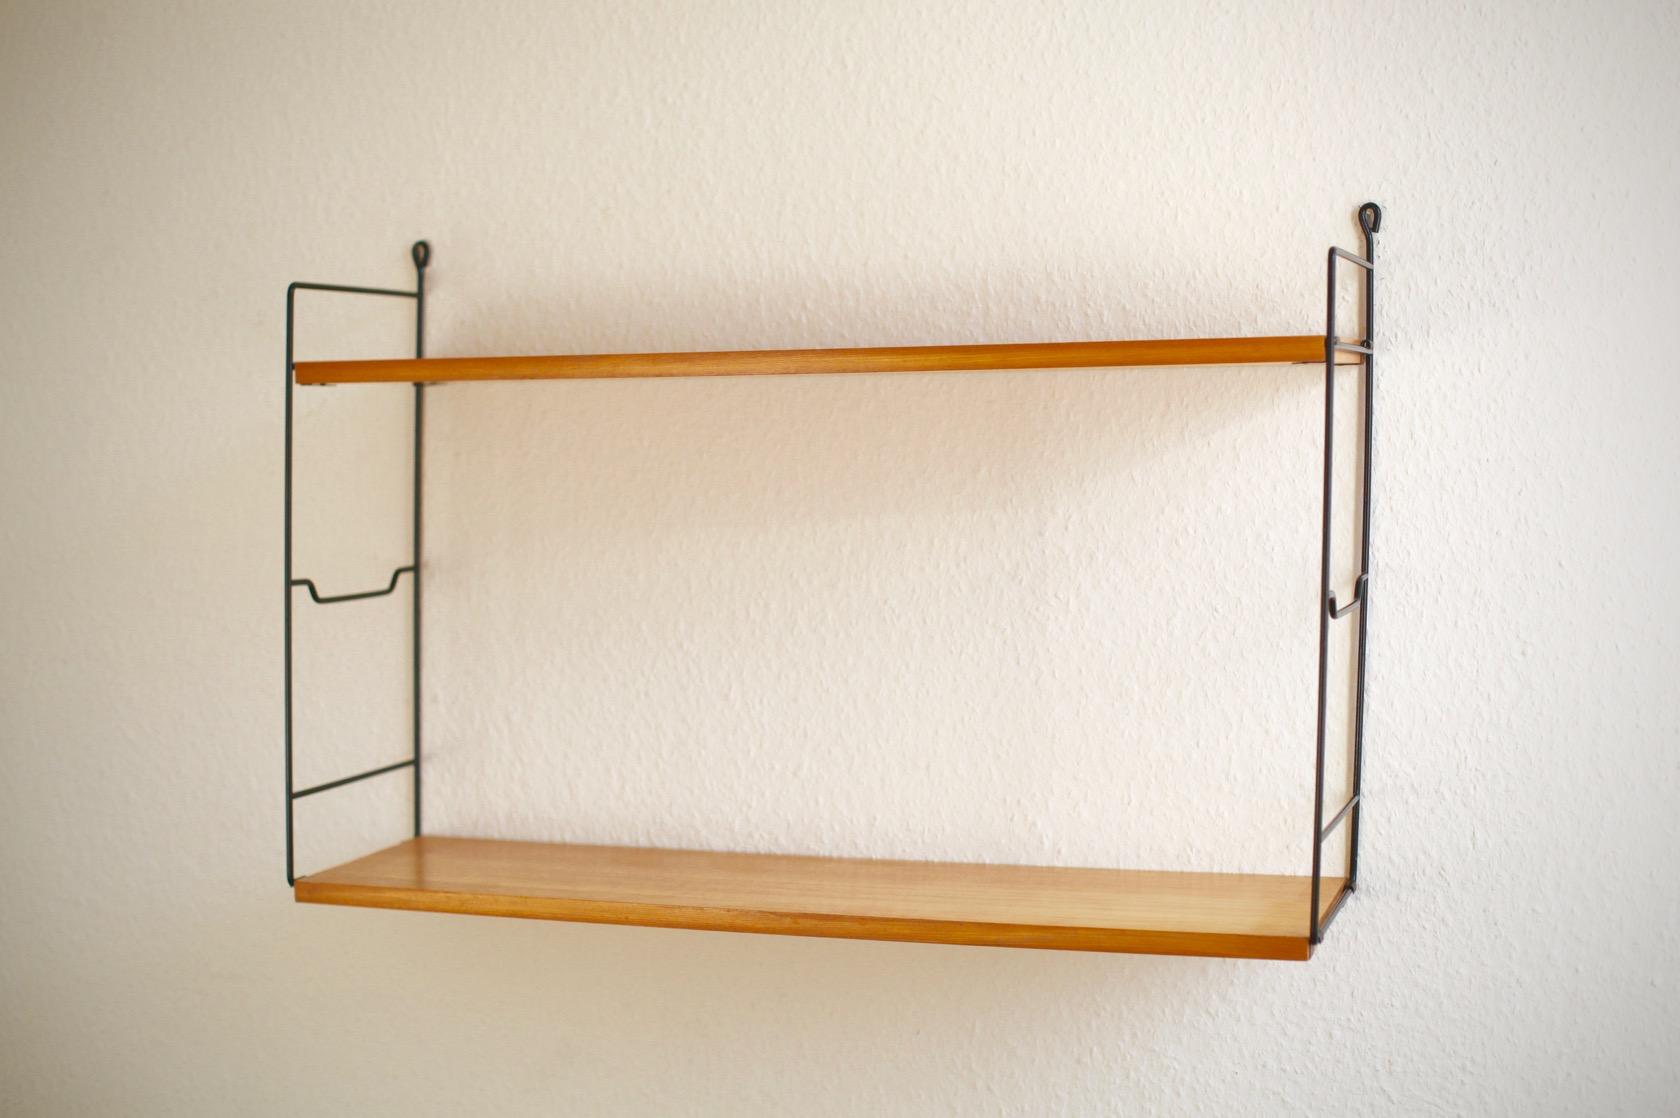 kleines stringregal von whb raumwunder vintage wohnen. Black Bedroom Furniture Sets. Home Design Ideas